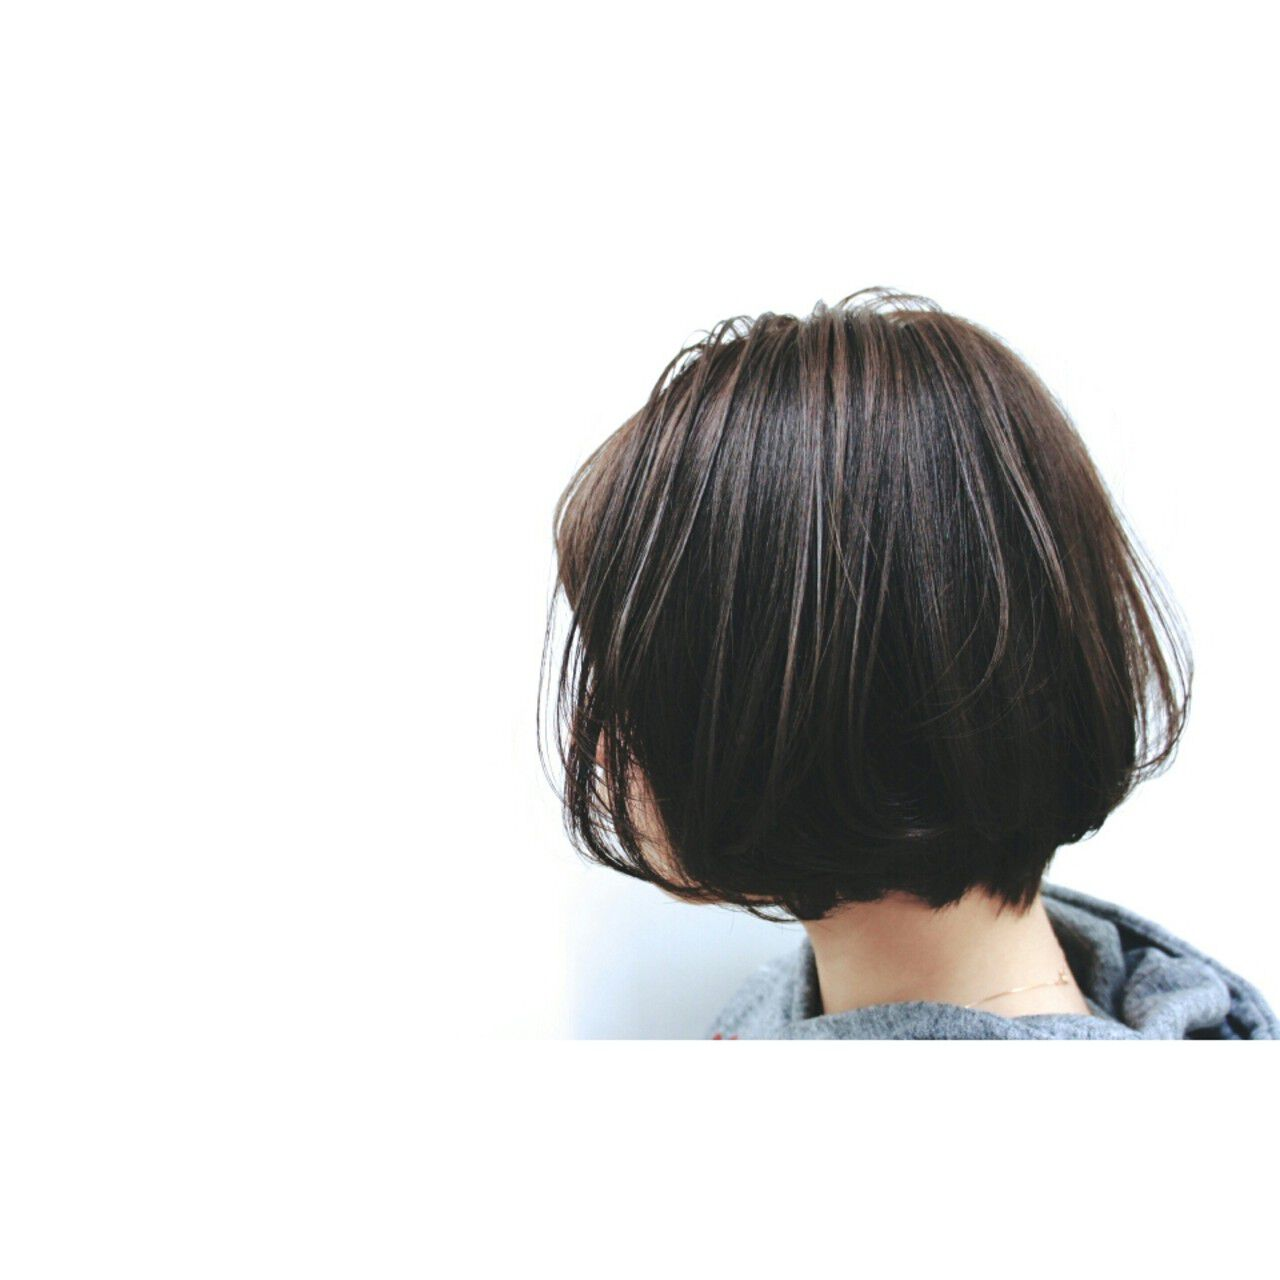 ナチュラル ショートボブ 小顔 大人女子ヘアスタイルや髪型の写真・画像